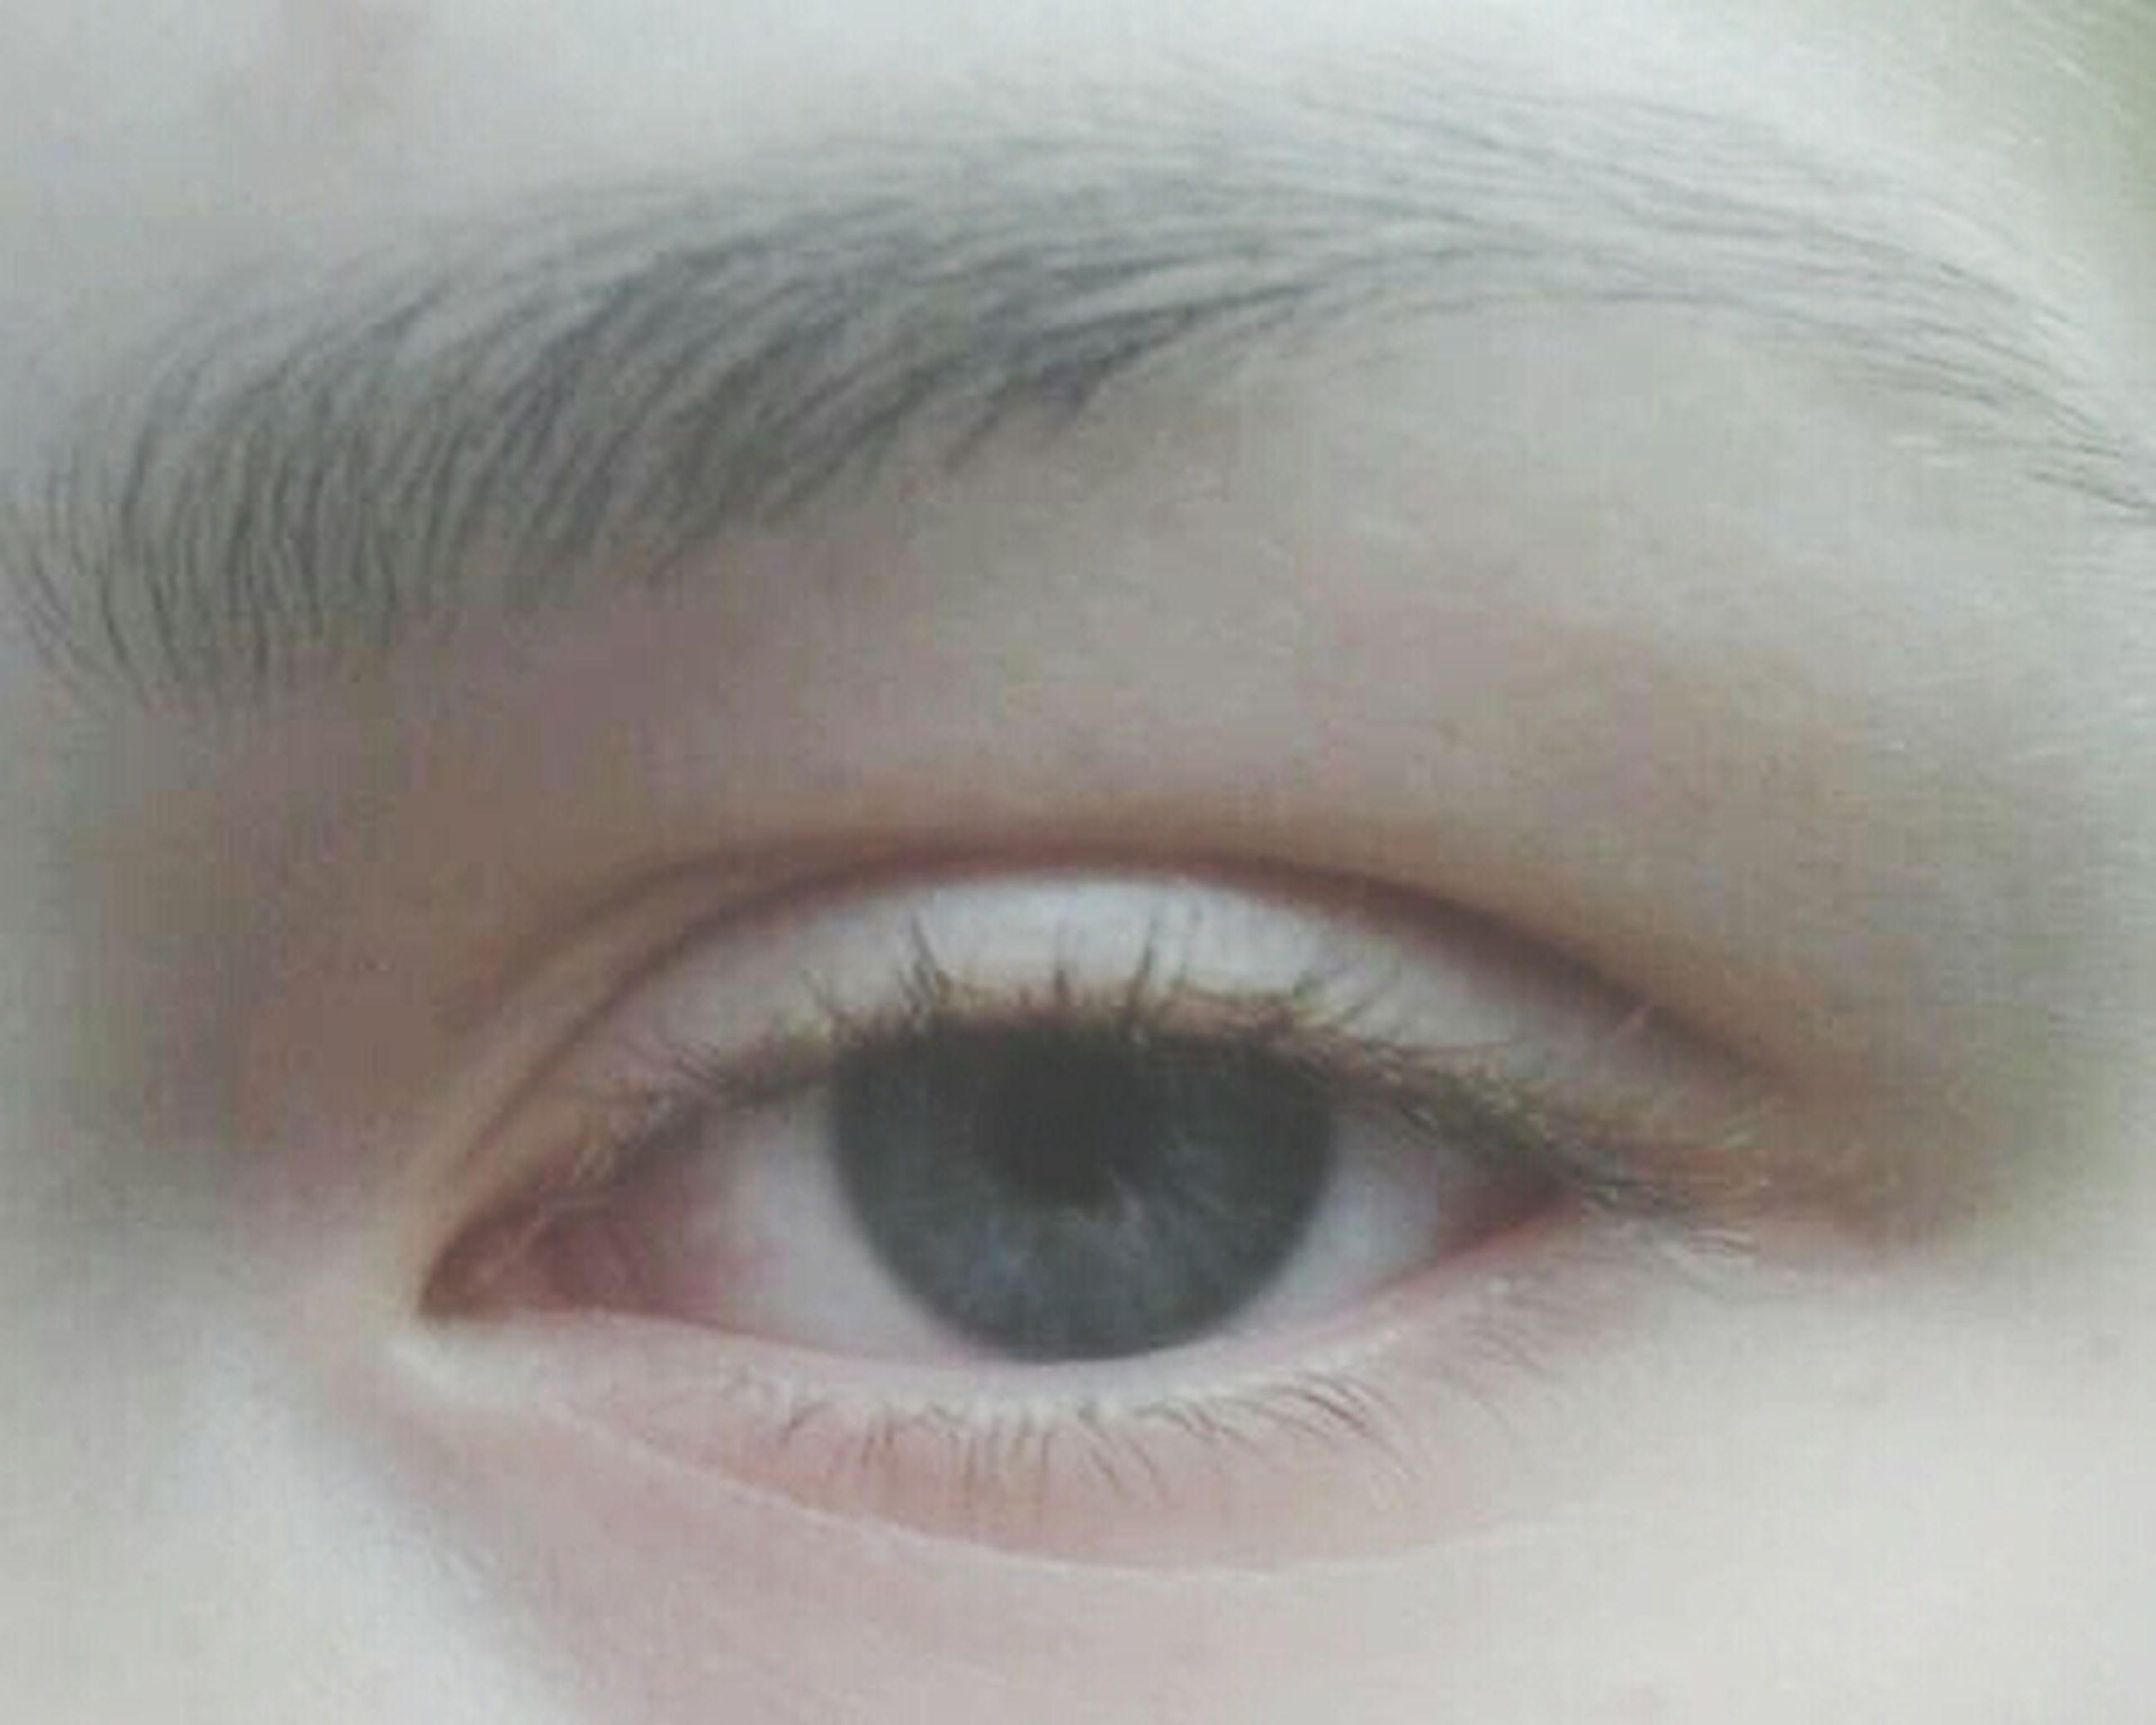 human eye, eyelash, close-up, eyesight, sensory perception, looking at camera, human skin, portrait, human face, extreme close-up, eyeball, lifestyles, part of, iris - eye, eyebrow, headshot, extreme close up